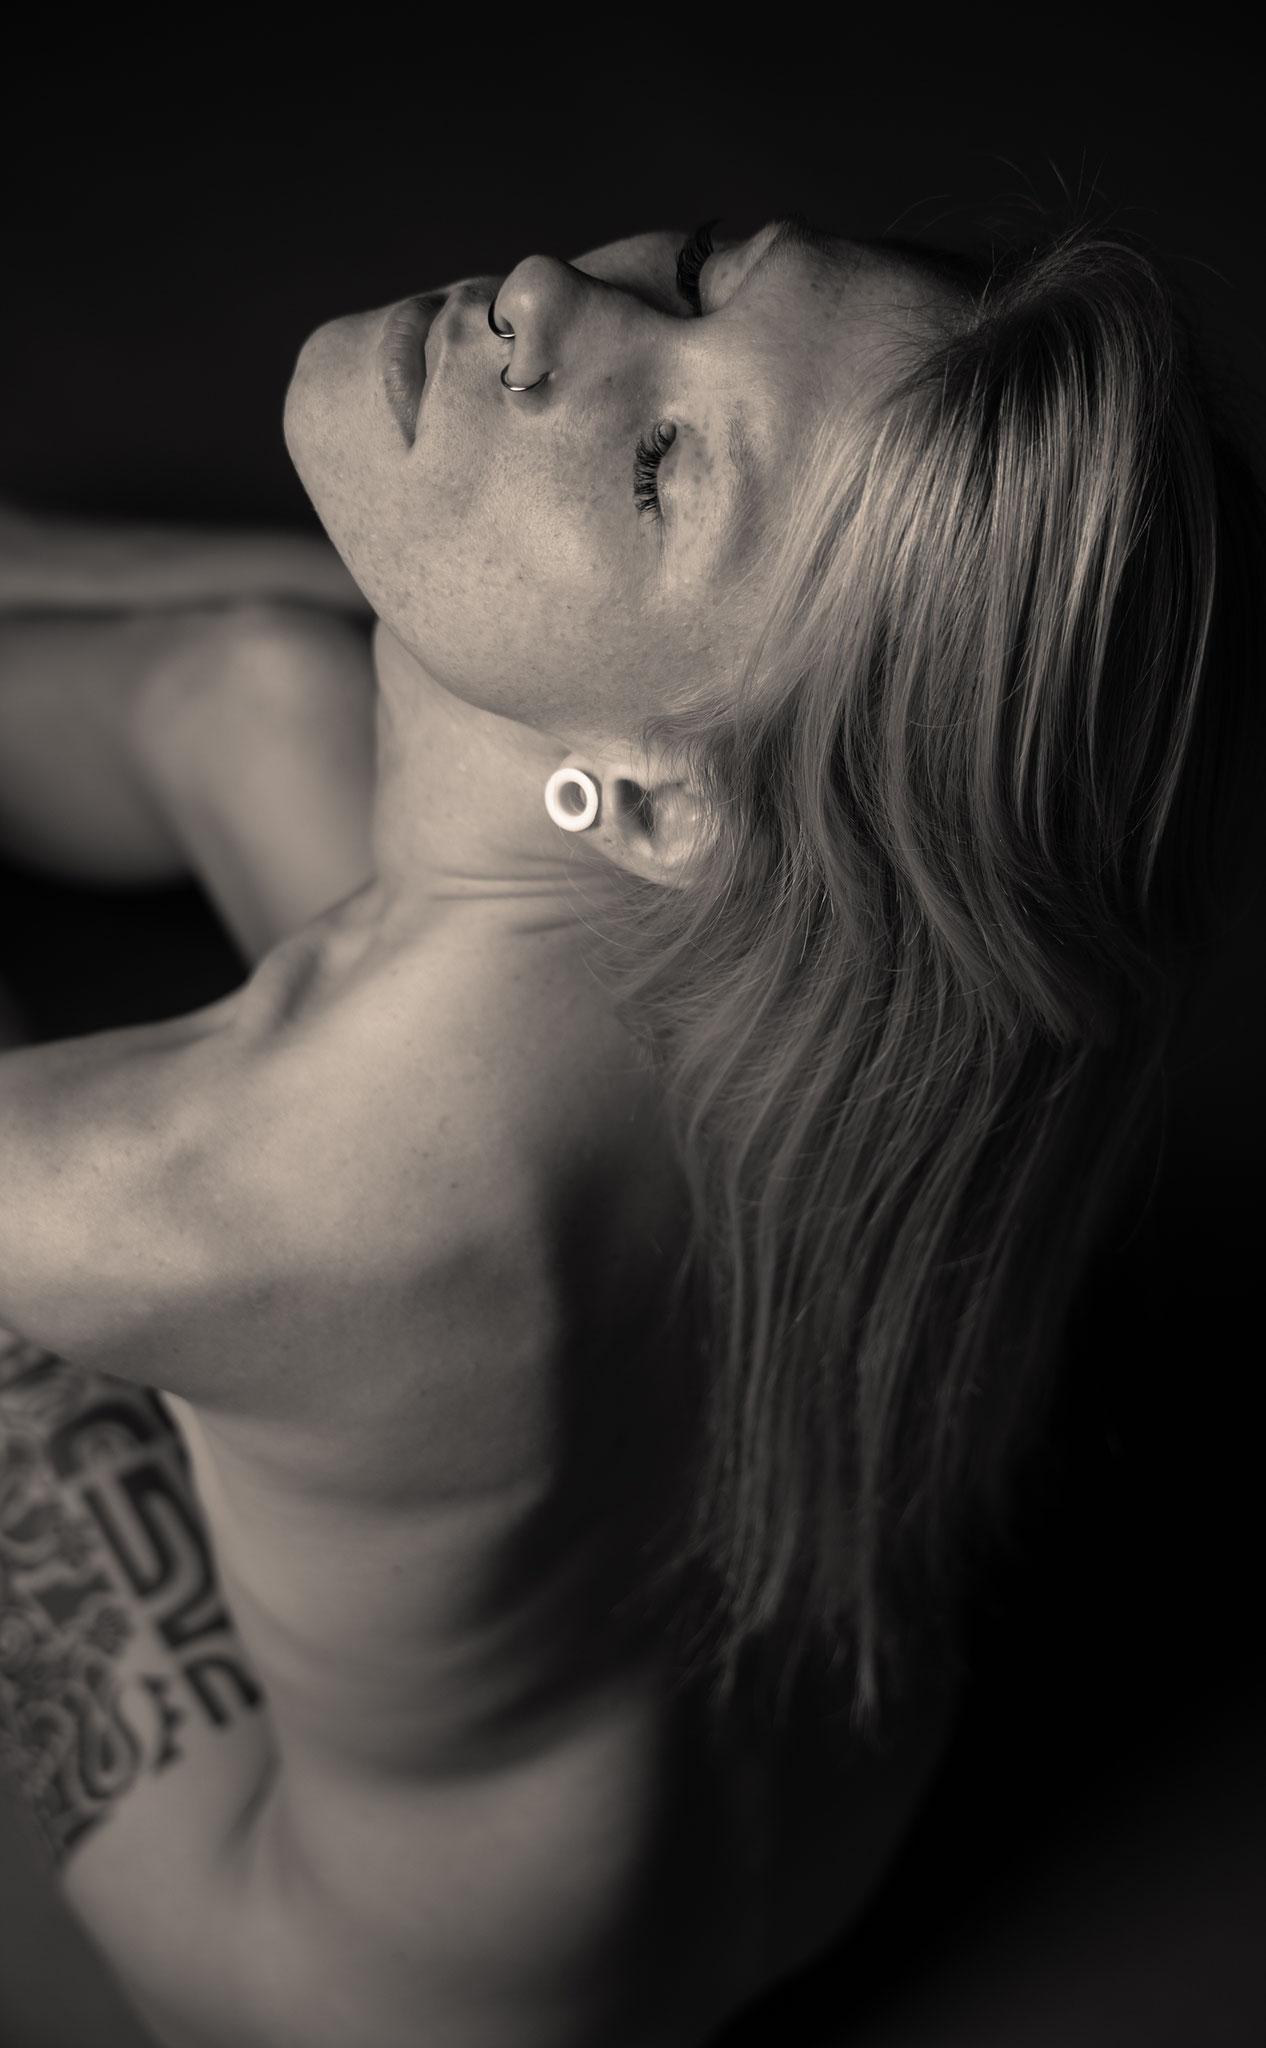 Nackte Frau beim Aktshooting im Fotostudio für erotische Bilder in Erlangen - nude photography